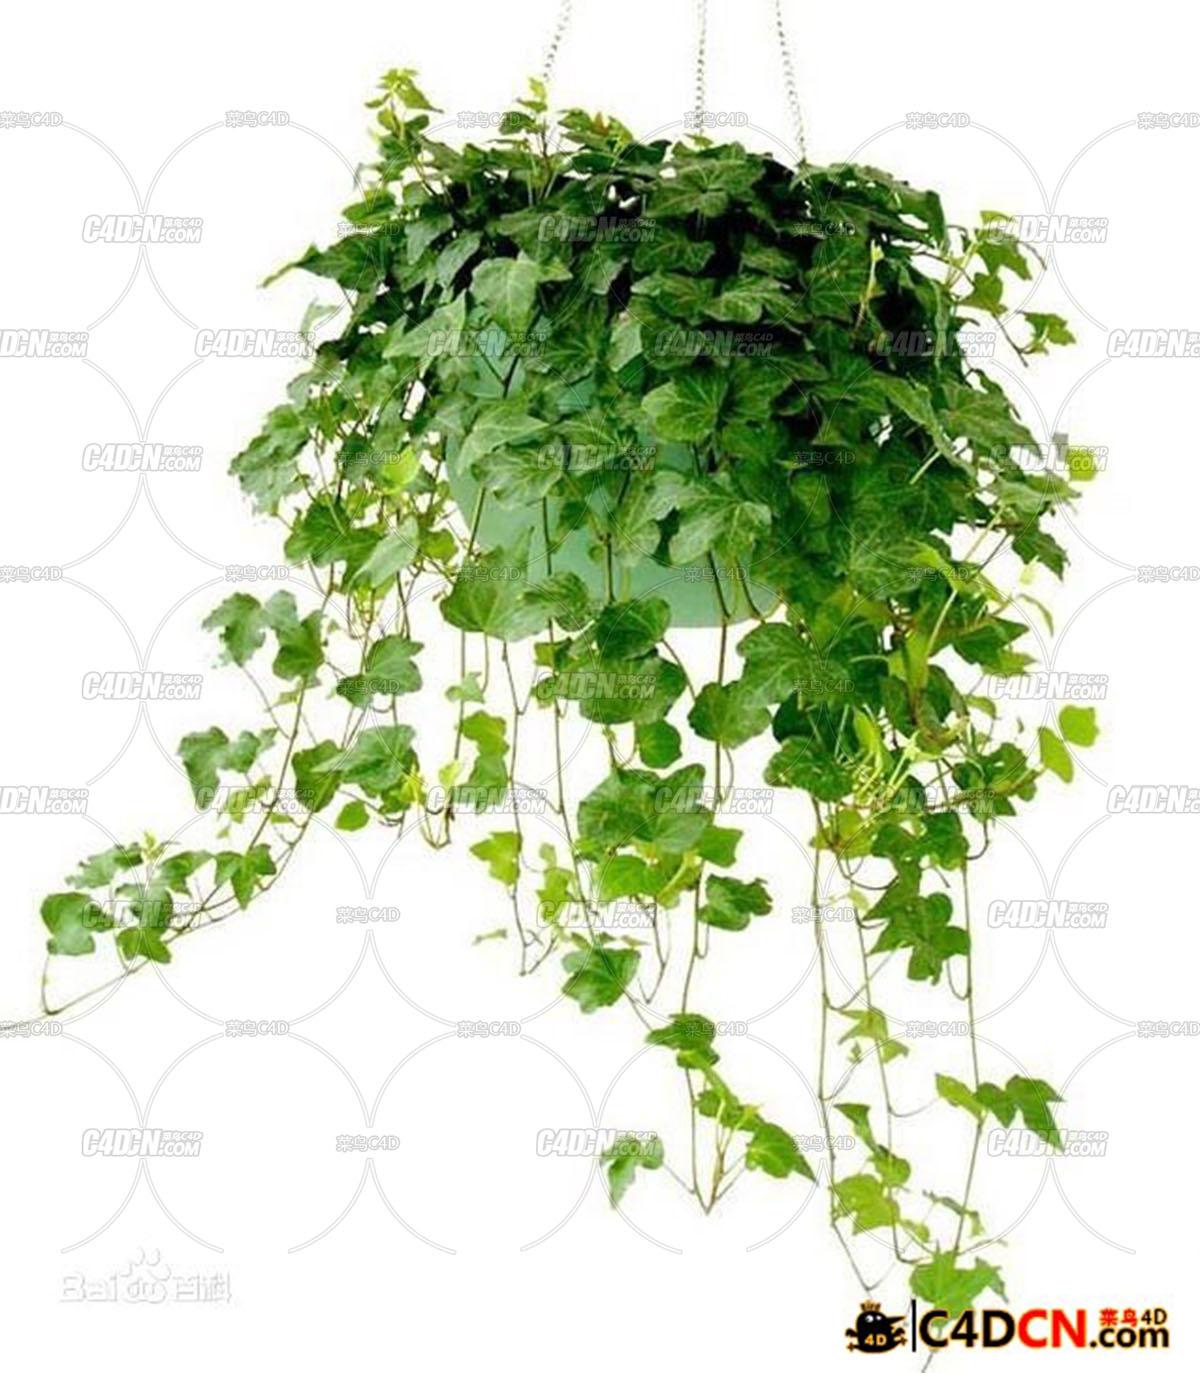 IvyGrower 1.2.1常春藤植物生长插件汉化版